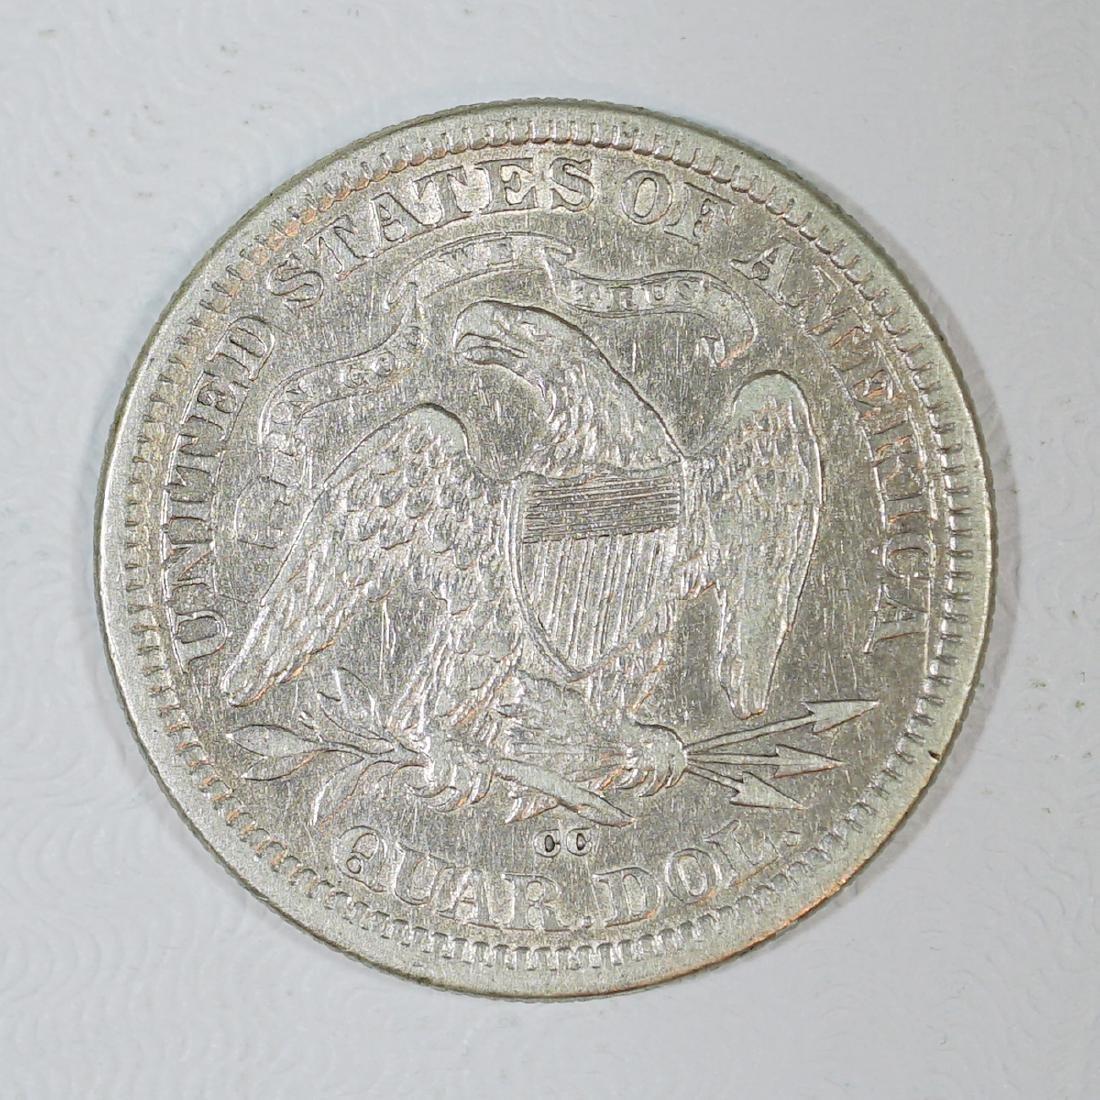 1876-CC U.S. Quarter Dollar - 2